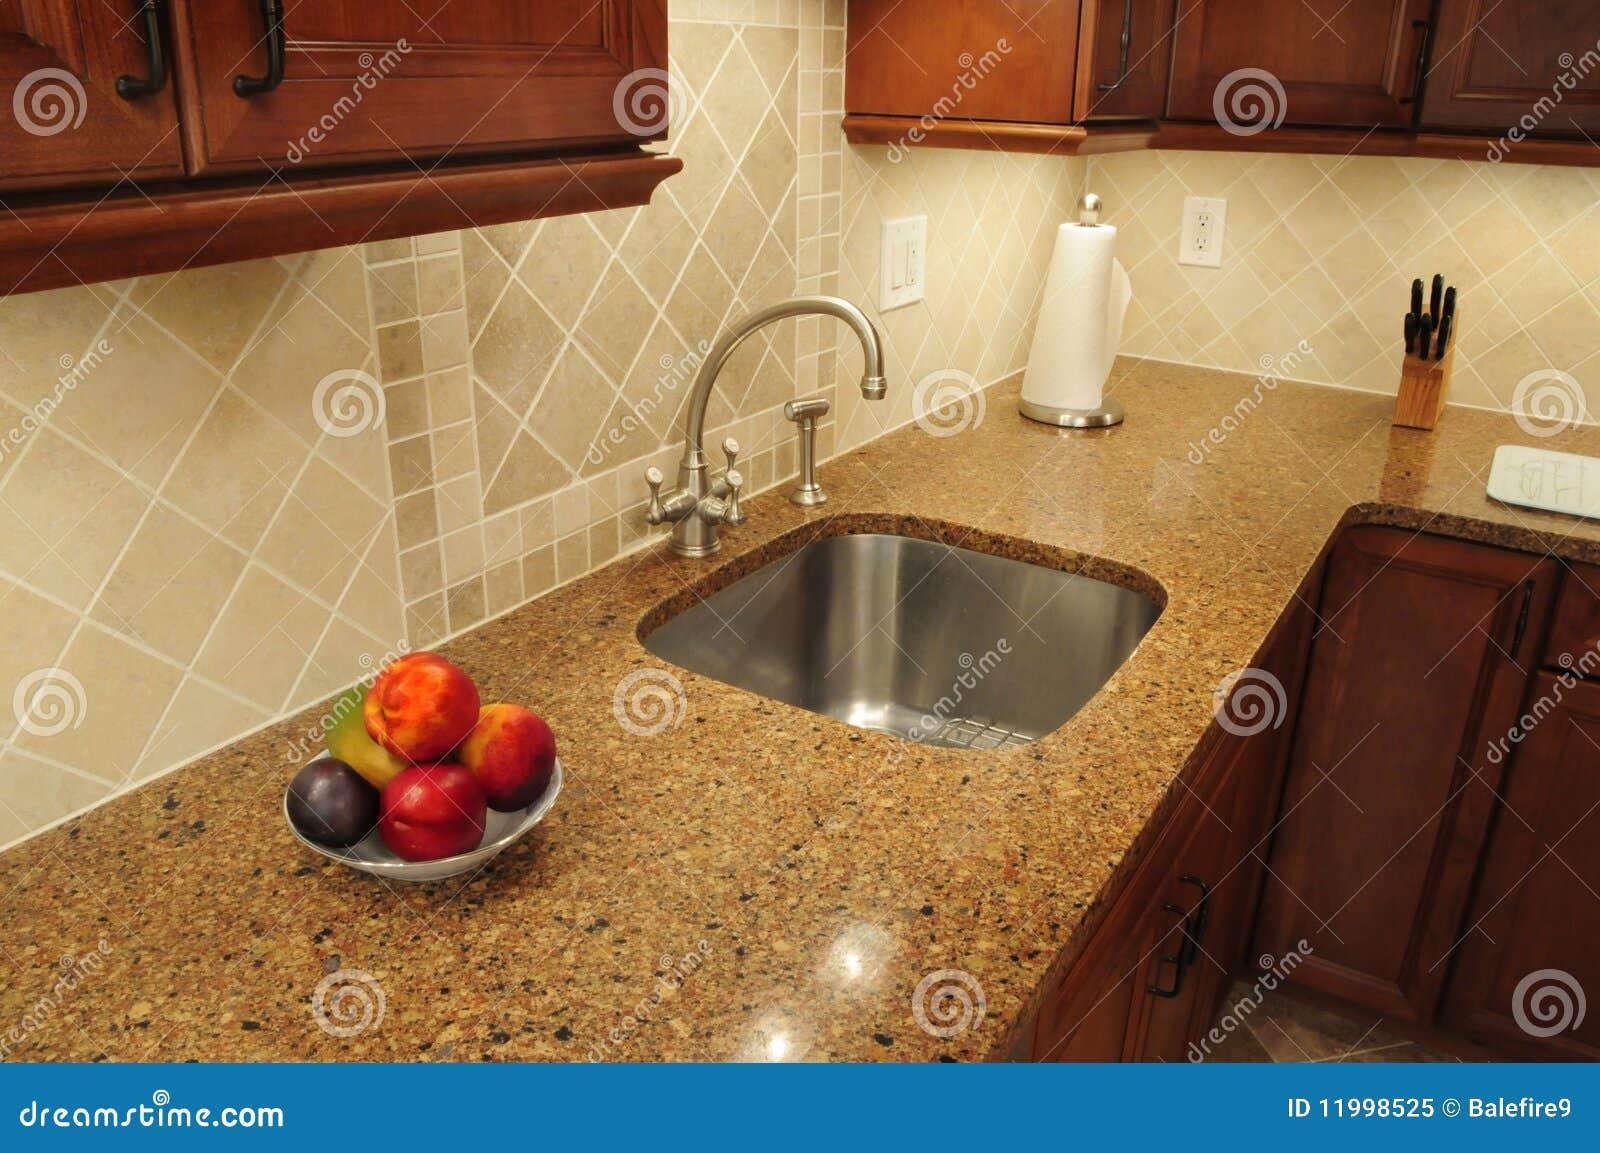 Fregadero del acero inoxidable en una cocina remodelada for Fregaderos cocina acero inoxidable